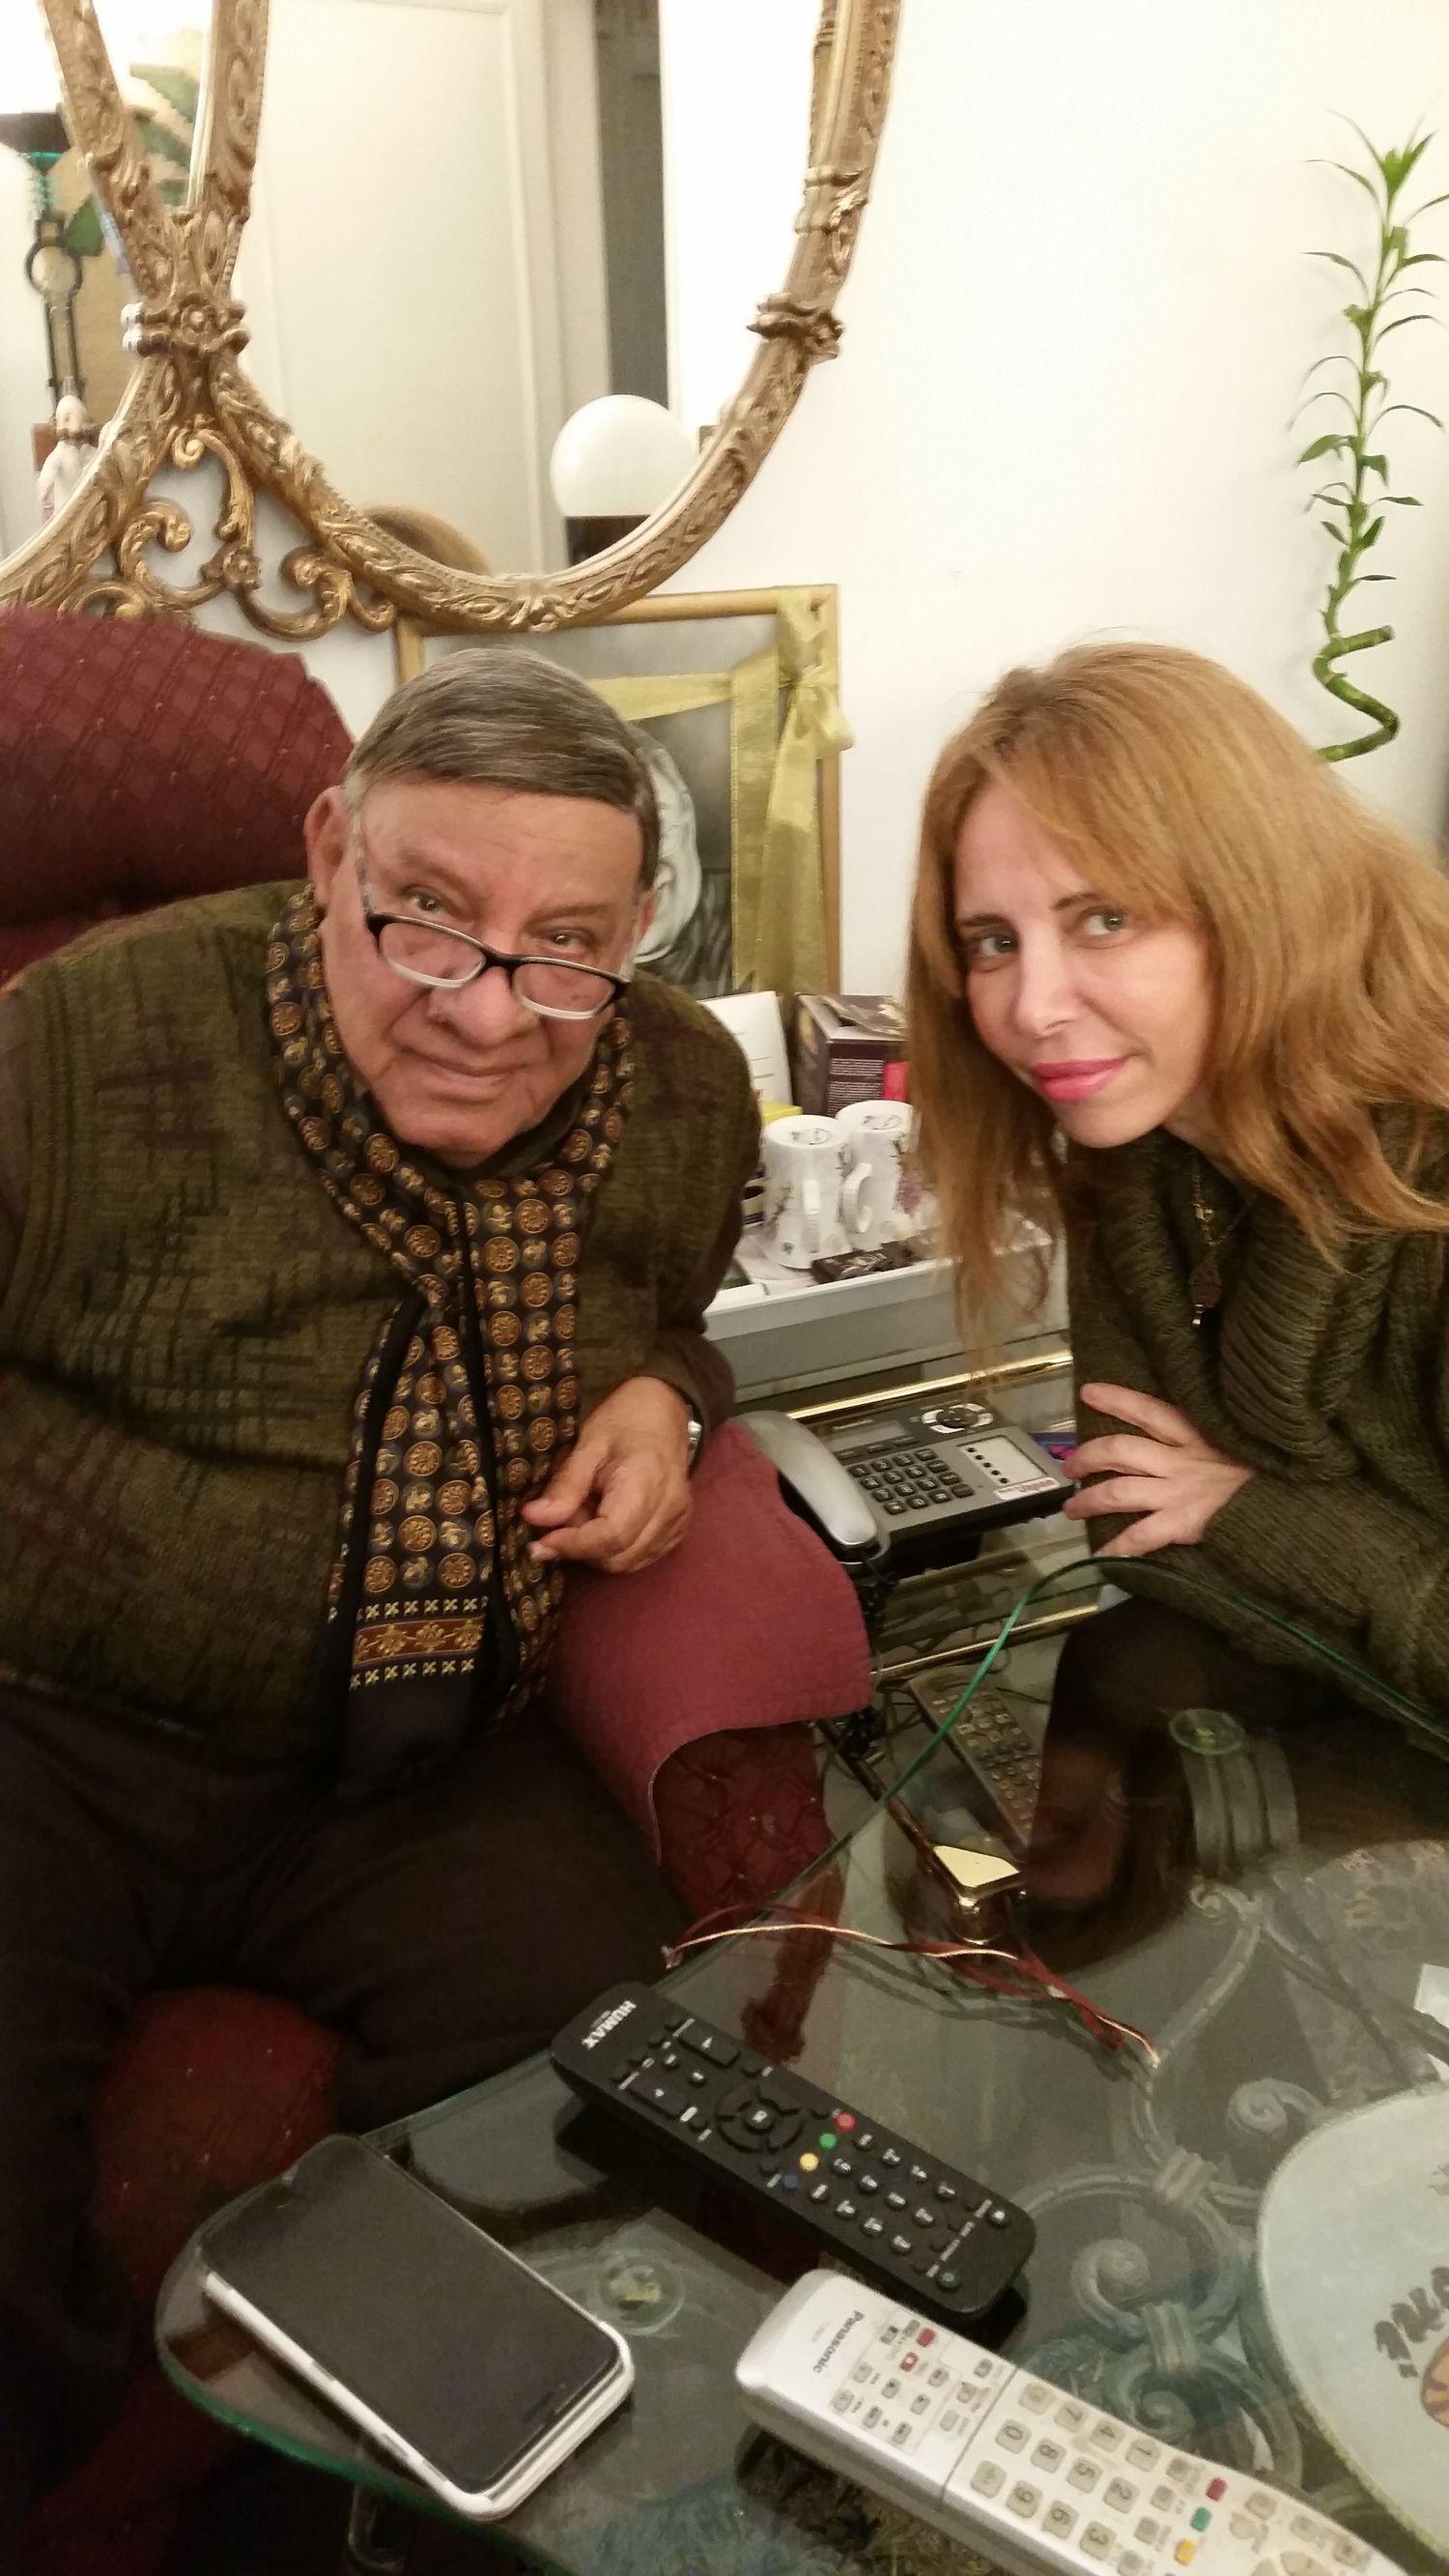 الإعلامي المصري مفيد فوزي برفقة الزميلة ابتسام غنيم